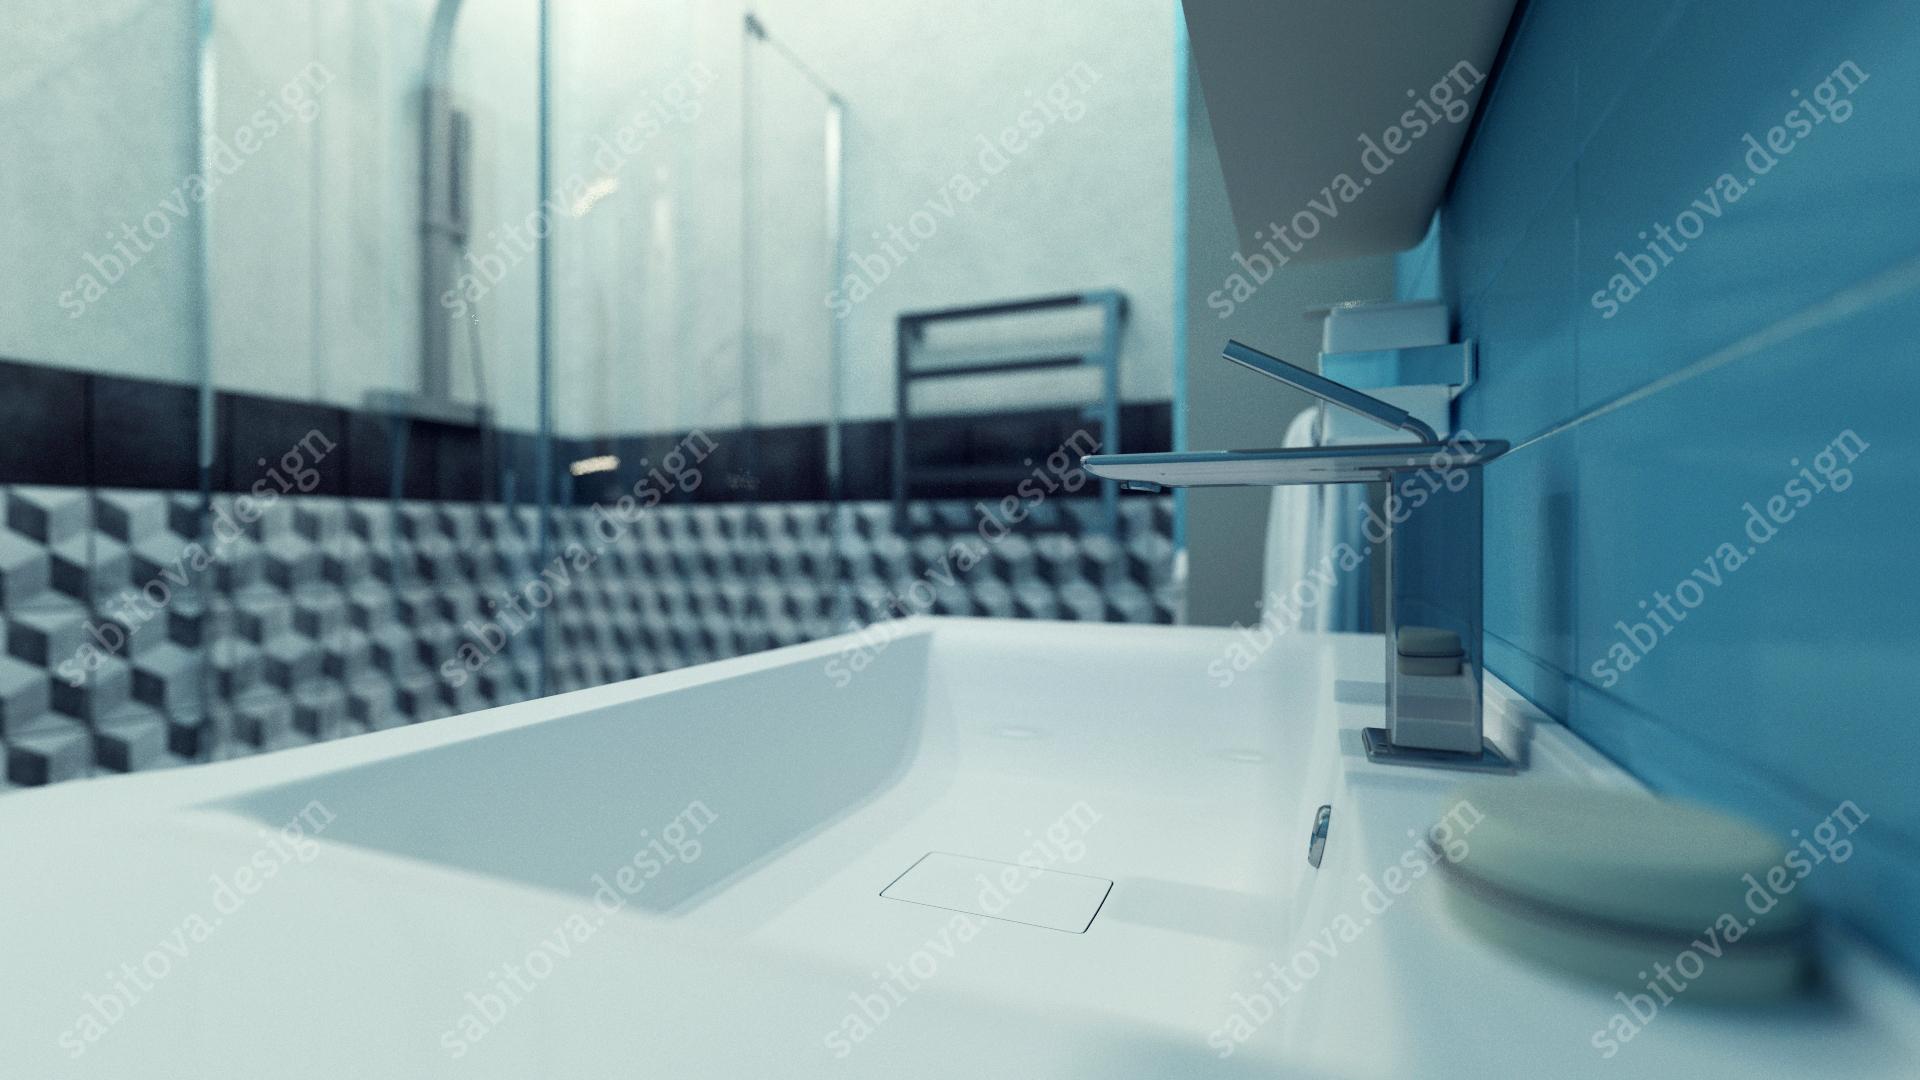 Однокомнатная квартира в ЖК Балтийская Жемчужина - дизайн интерьера и визуализация